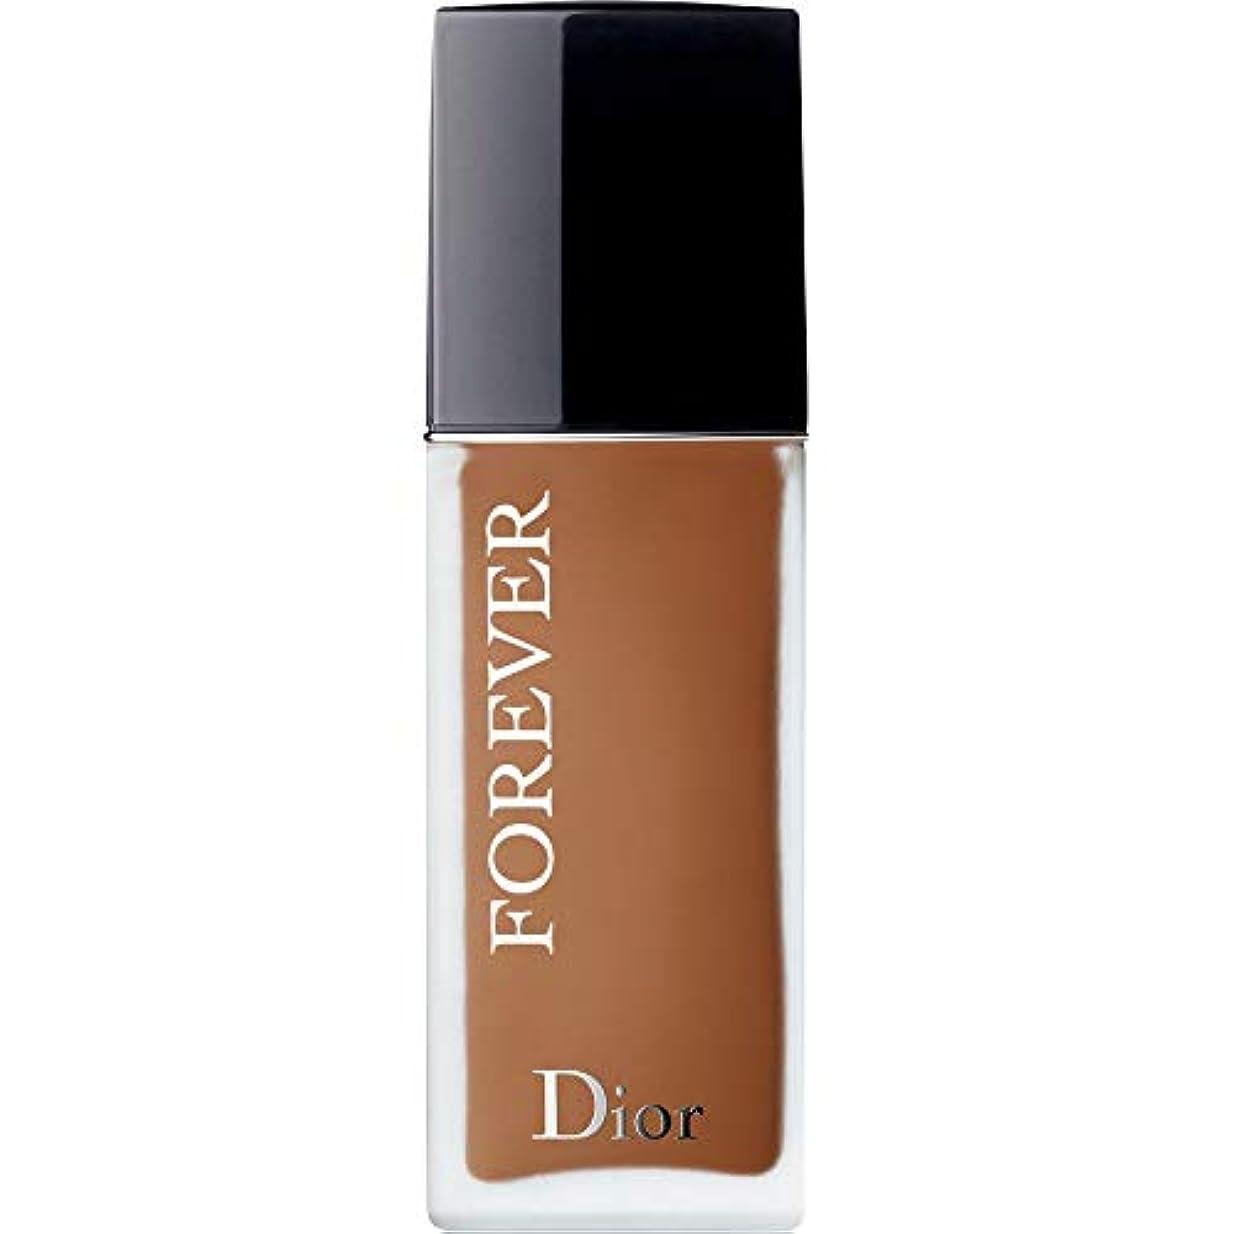 苦しみ対処ある[Dior ] ディオール永遠皮膚思いやりの基盤Spf35 30ミリリットルの6N - ニュートラル(つや消し) - DIOR Forever Skin-Caring Foundation SPF35 30ml 6N -...